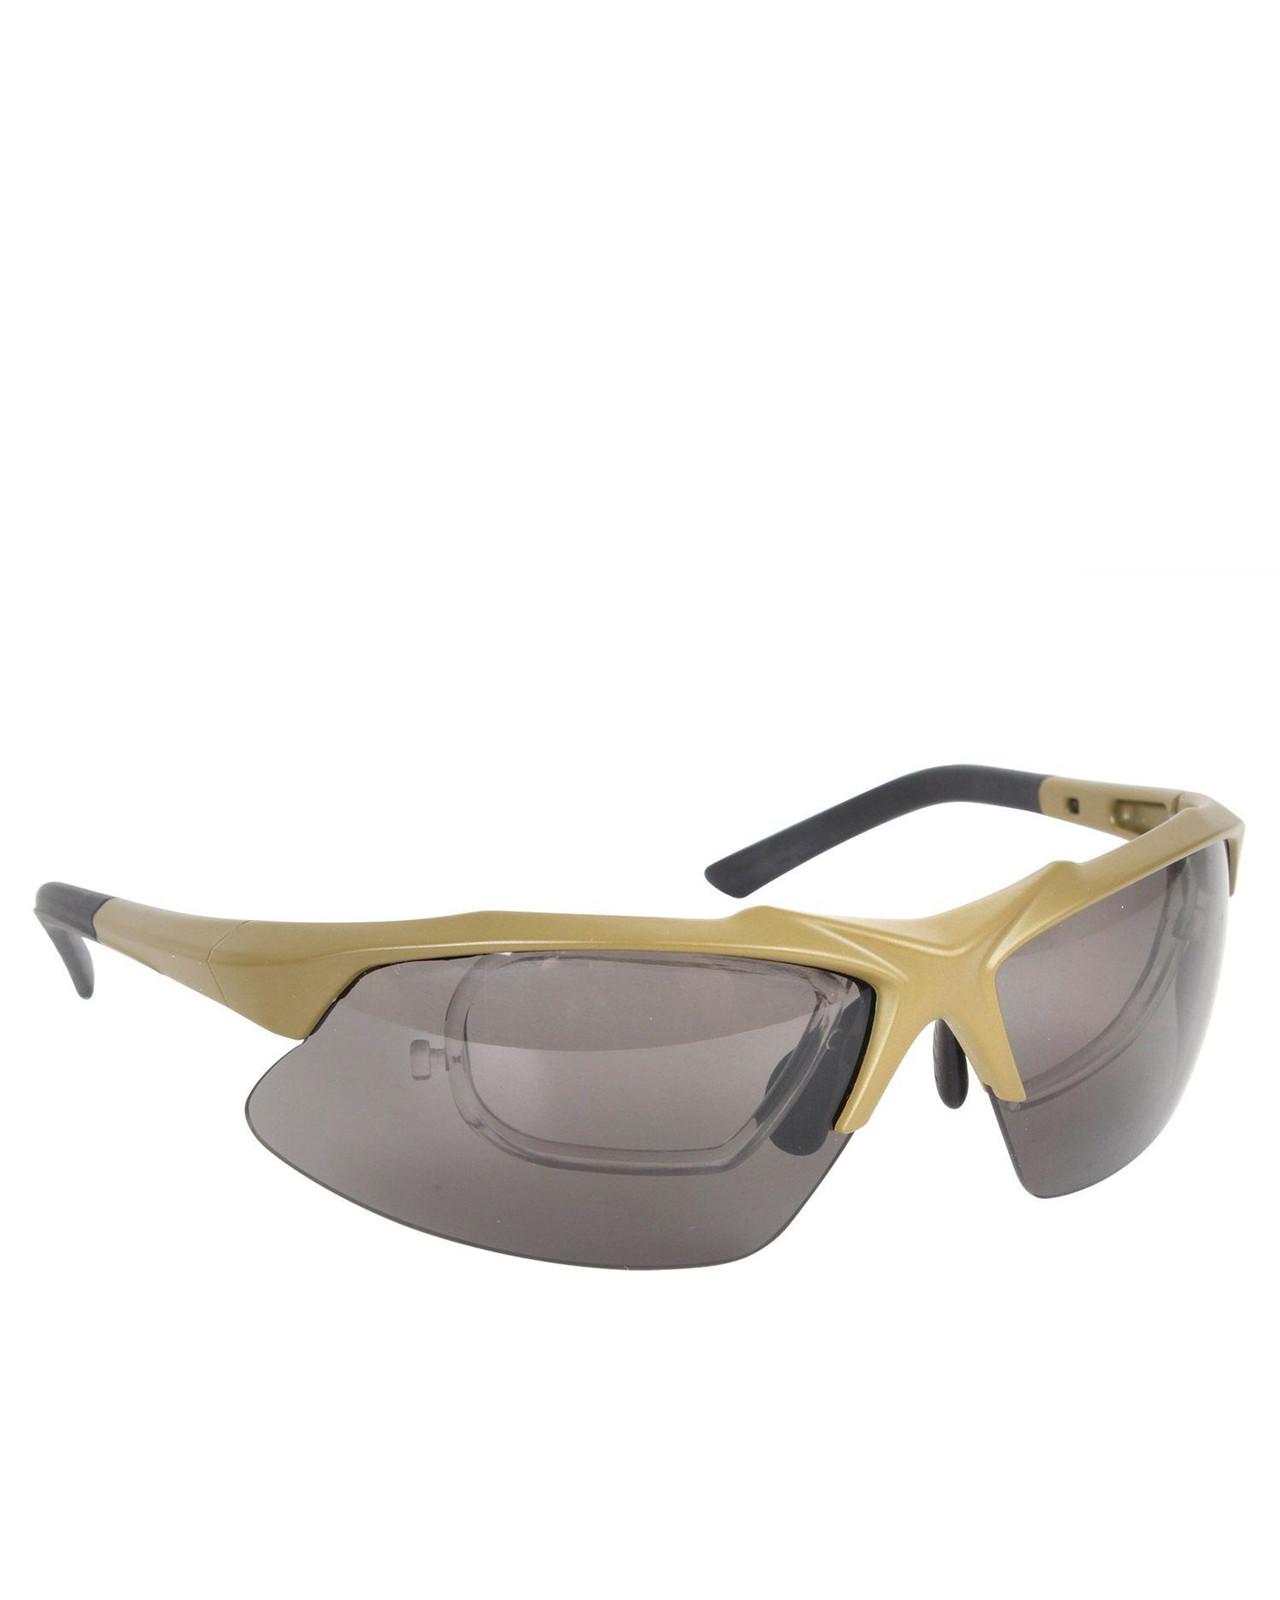 Image of   Rothco Taktisk Solbriller Med Udskiftelige Linser (Coyote Brun, One Size)